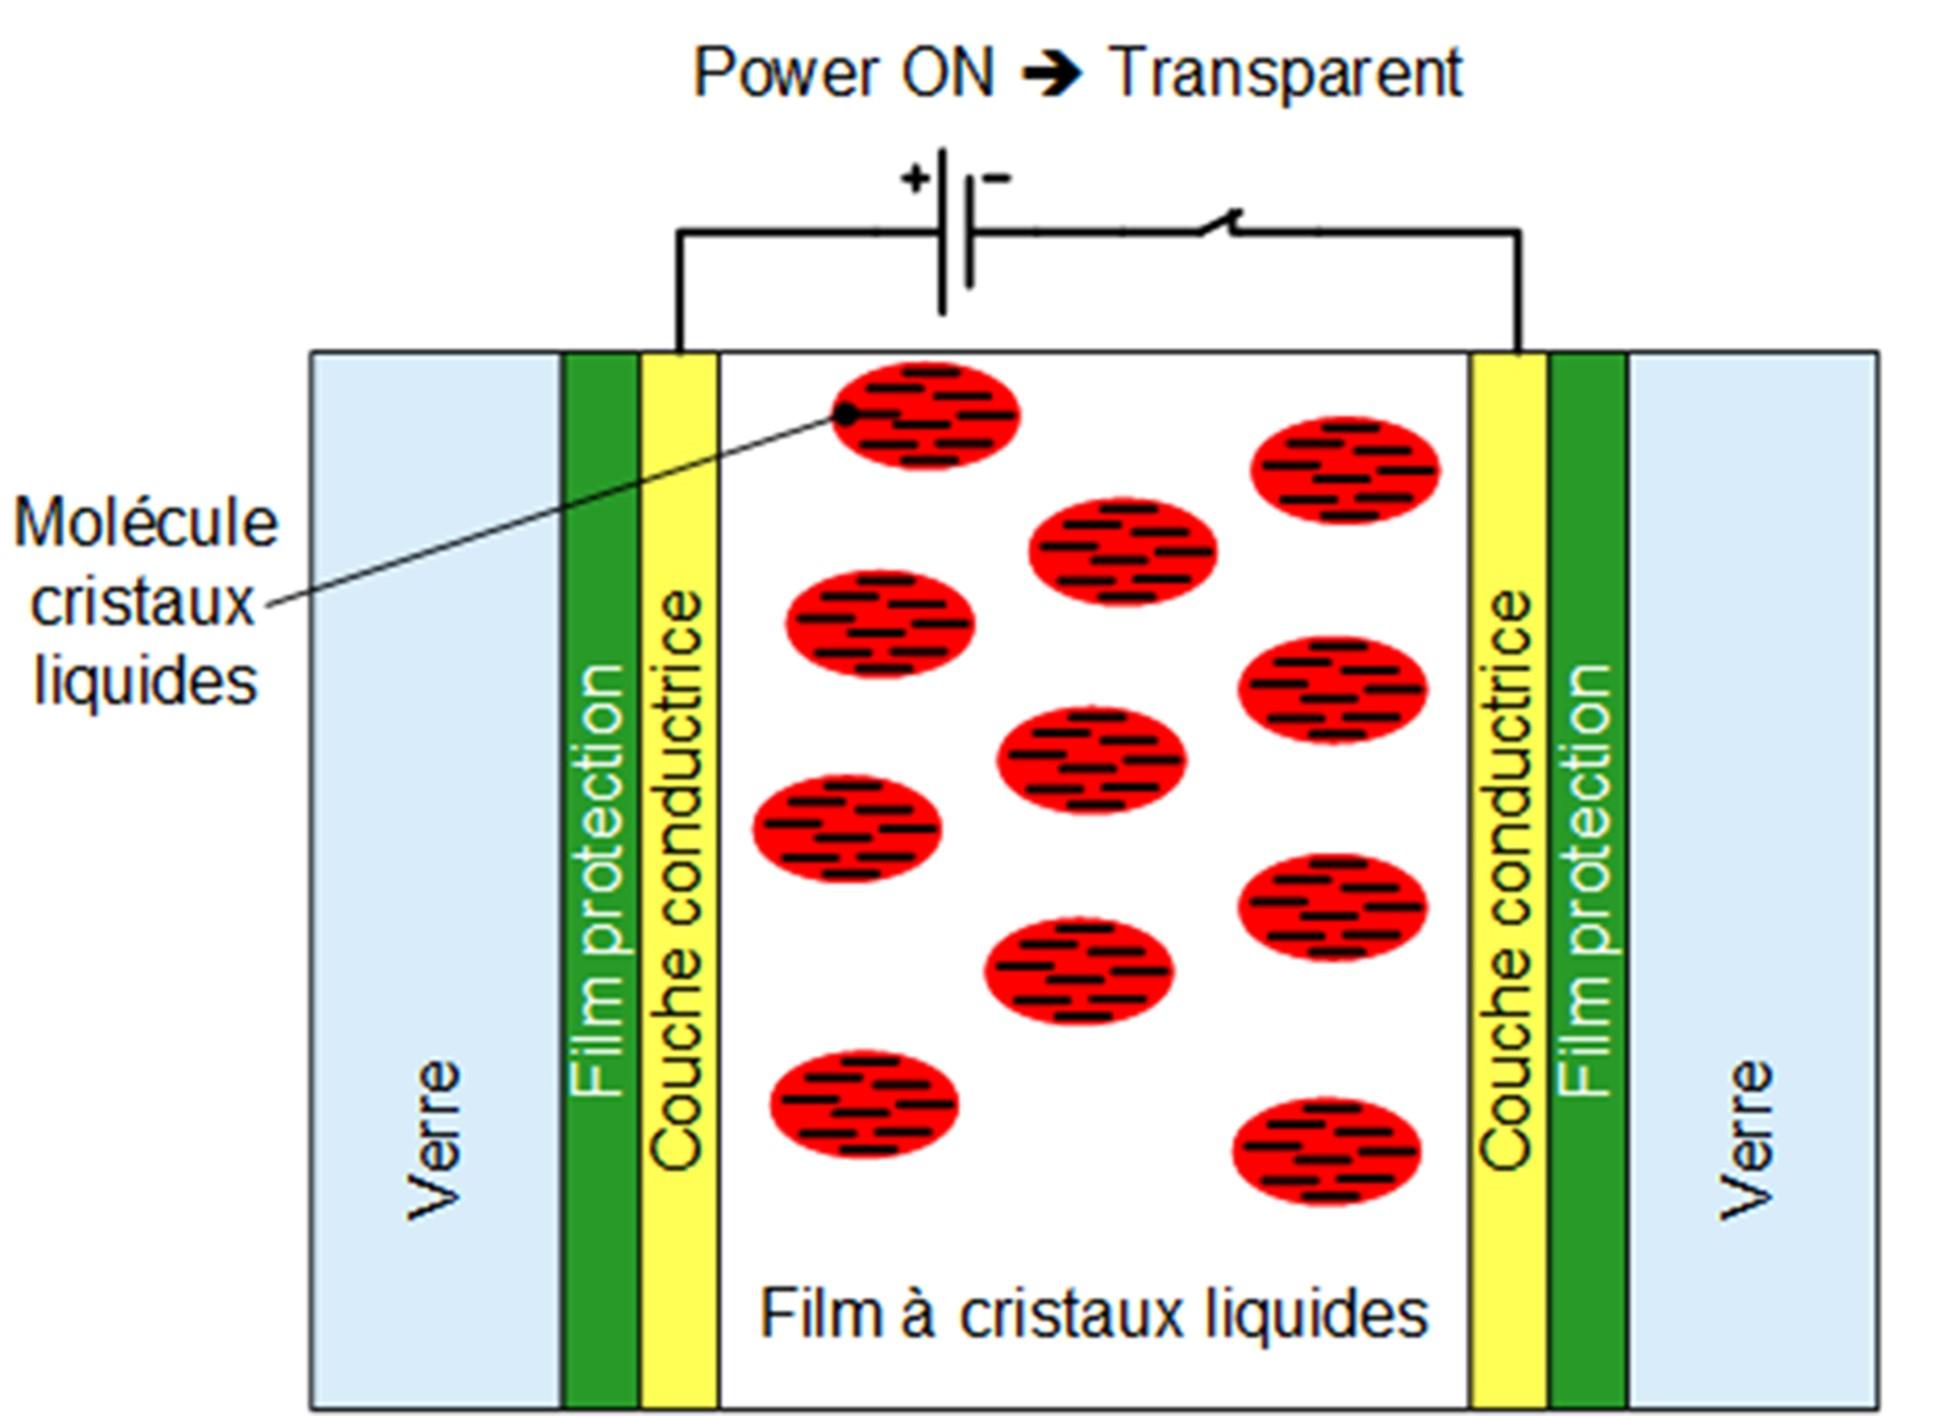 Schéma de principe du vitrage ou verre opacifiant, il est transparent quand il est alimenté.